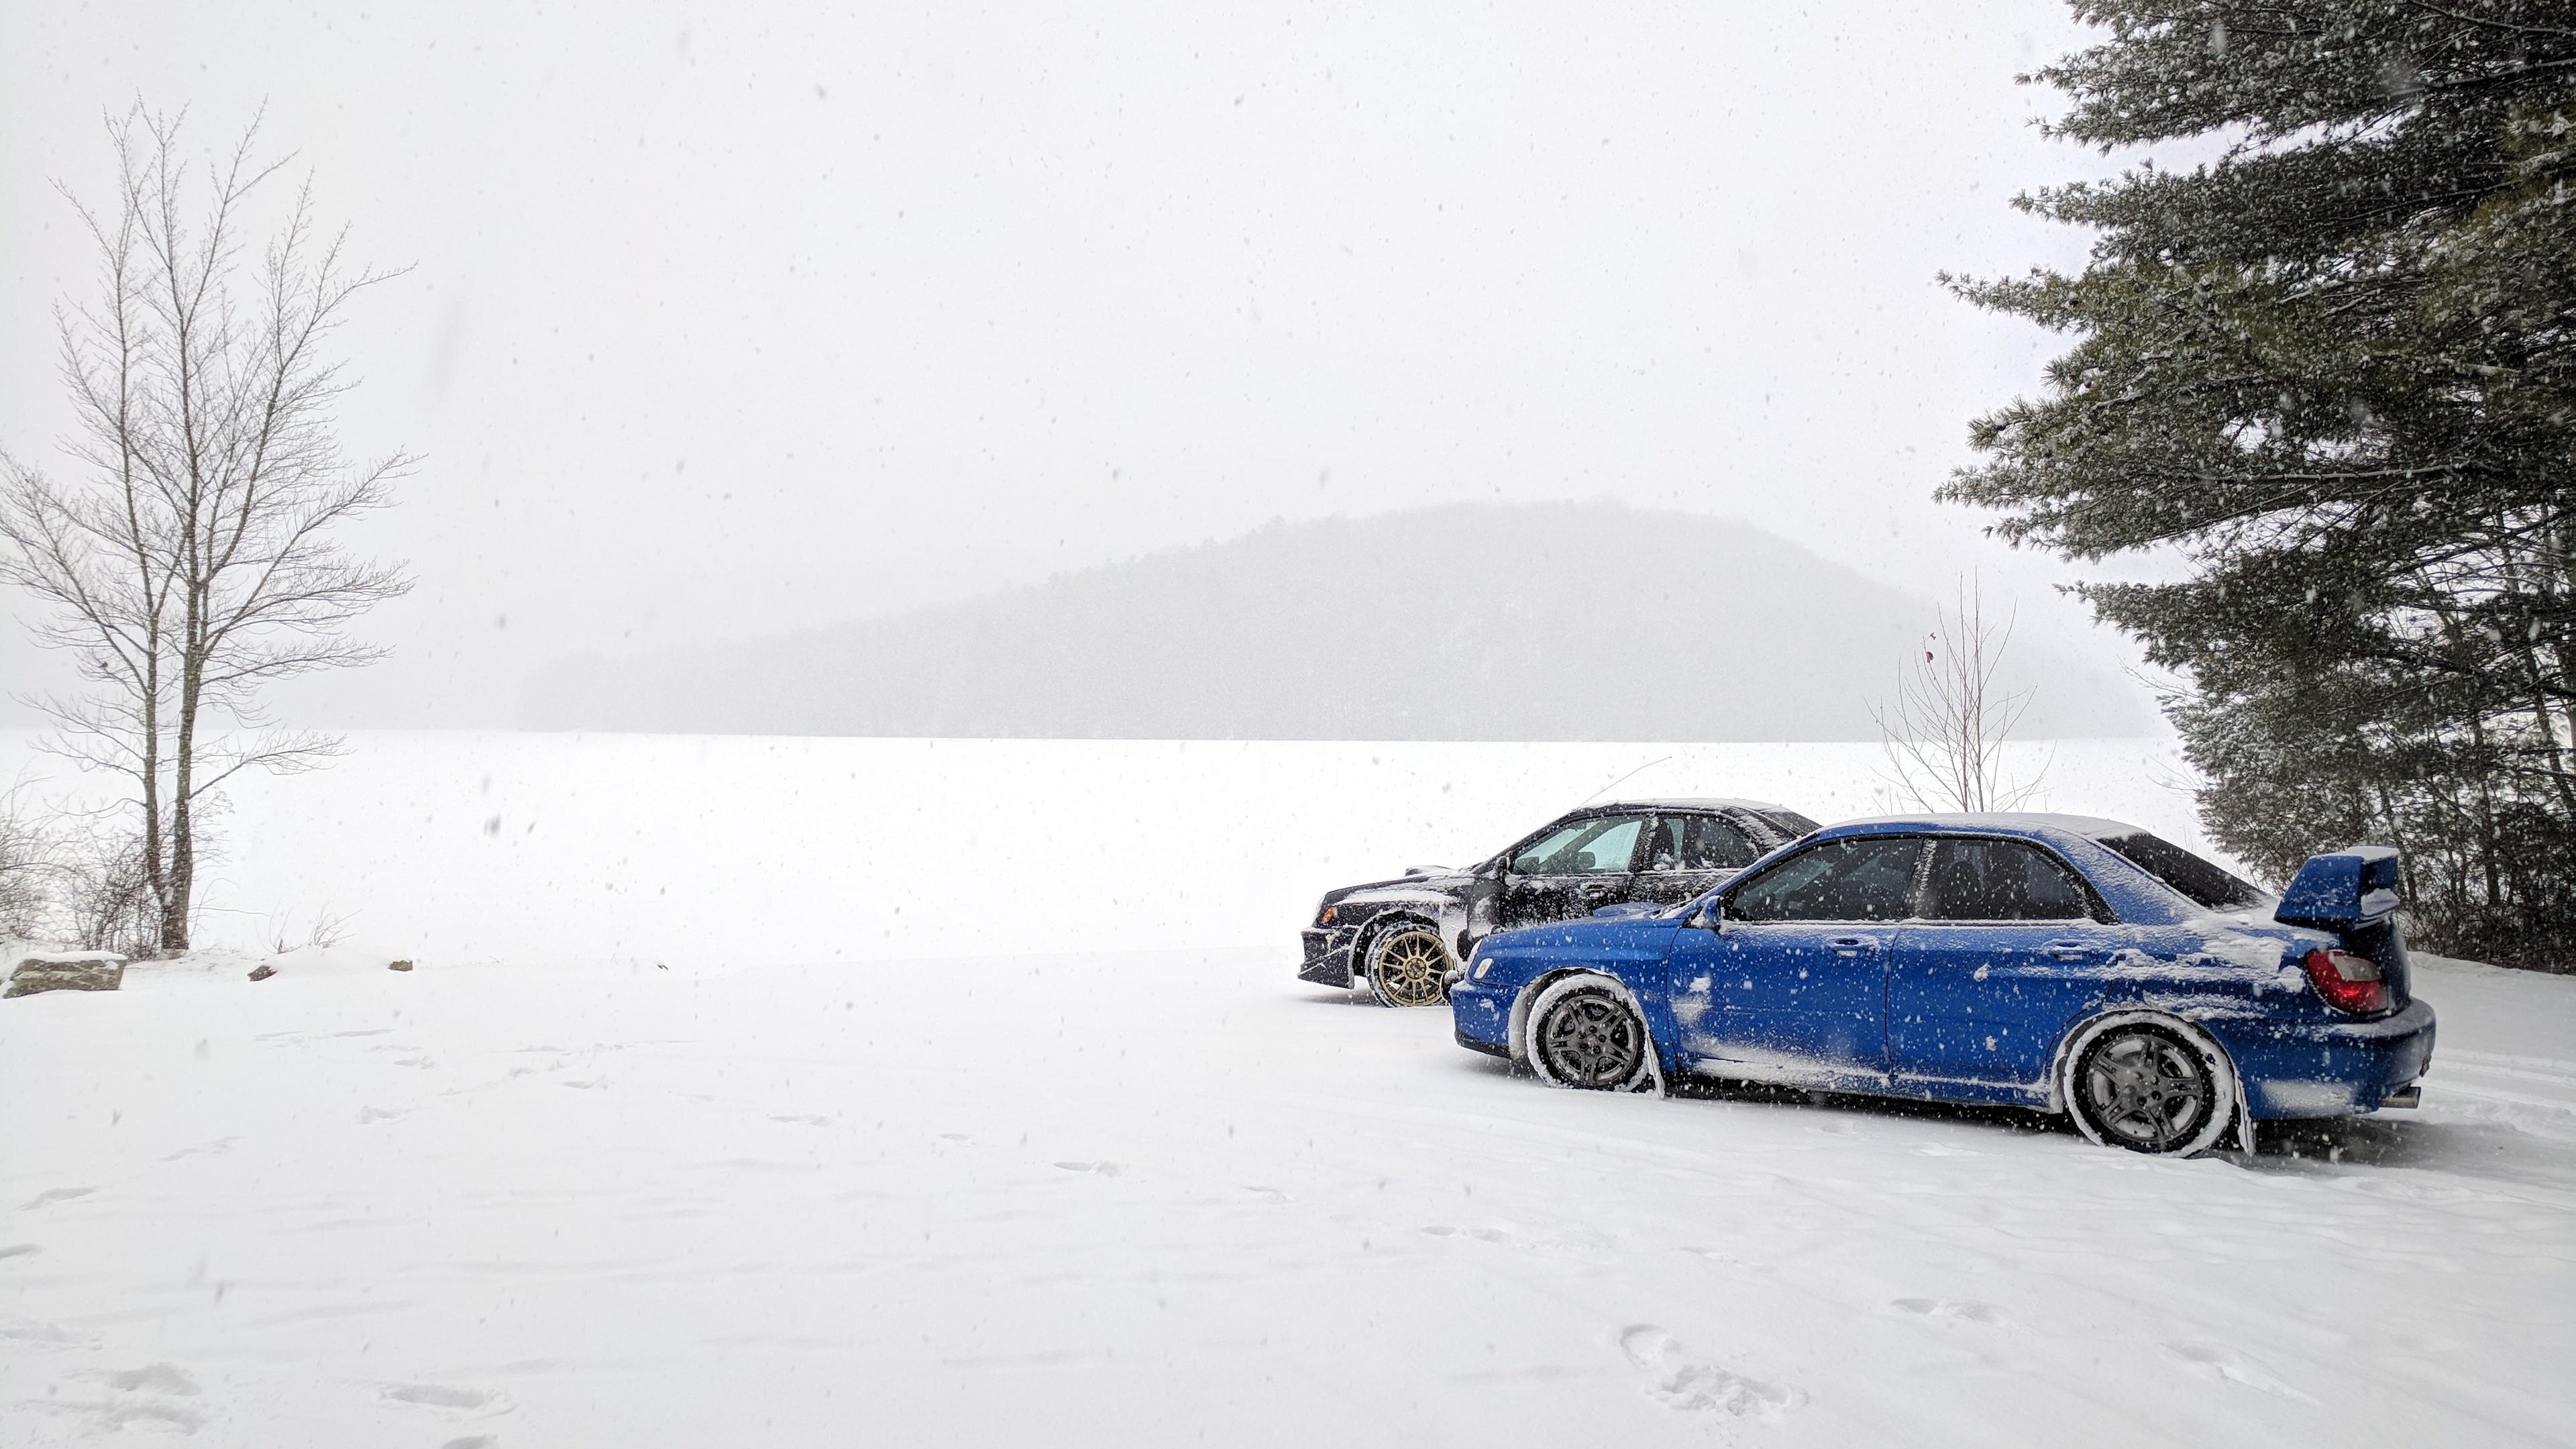 snowy subarus 1539109315 - Snowy Subarus - subaru wallpapers, snow wallpapers, hd-wallpapers, cars wallpapers, 4k-wallpapers